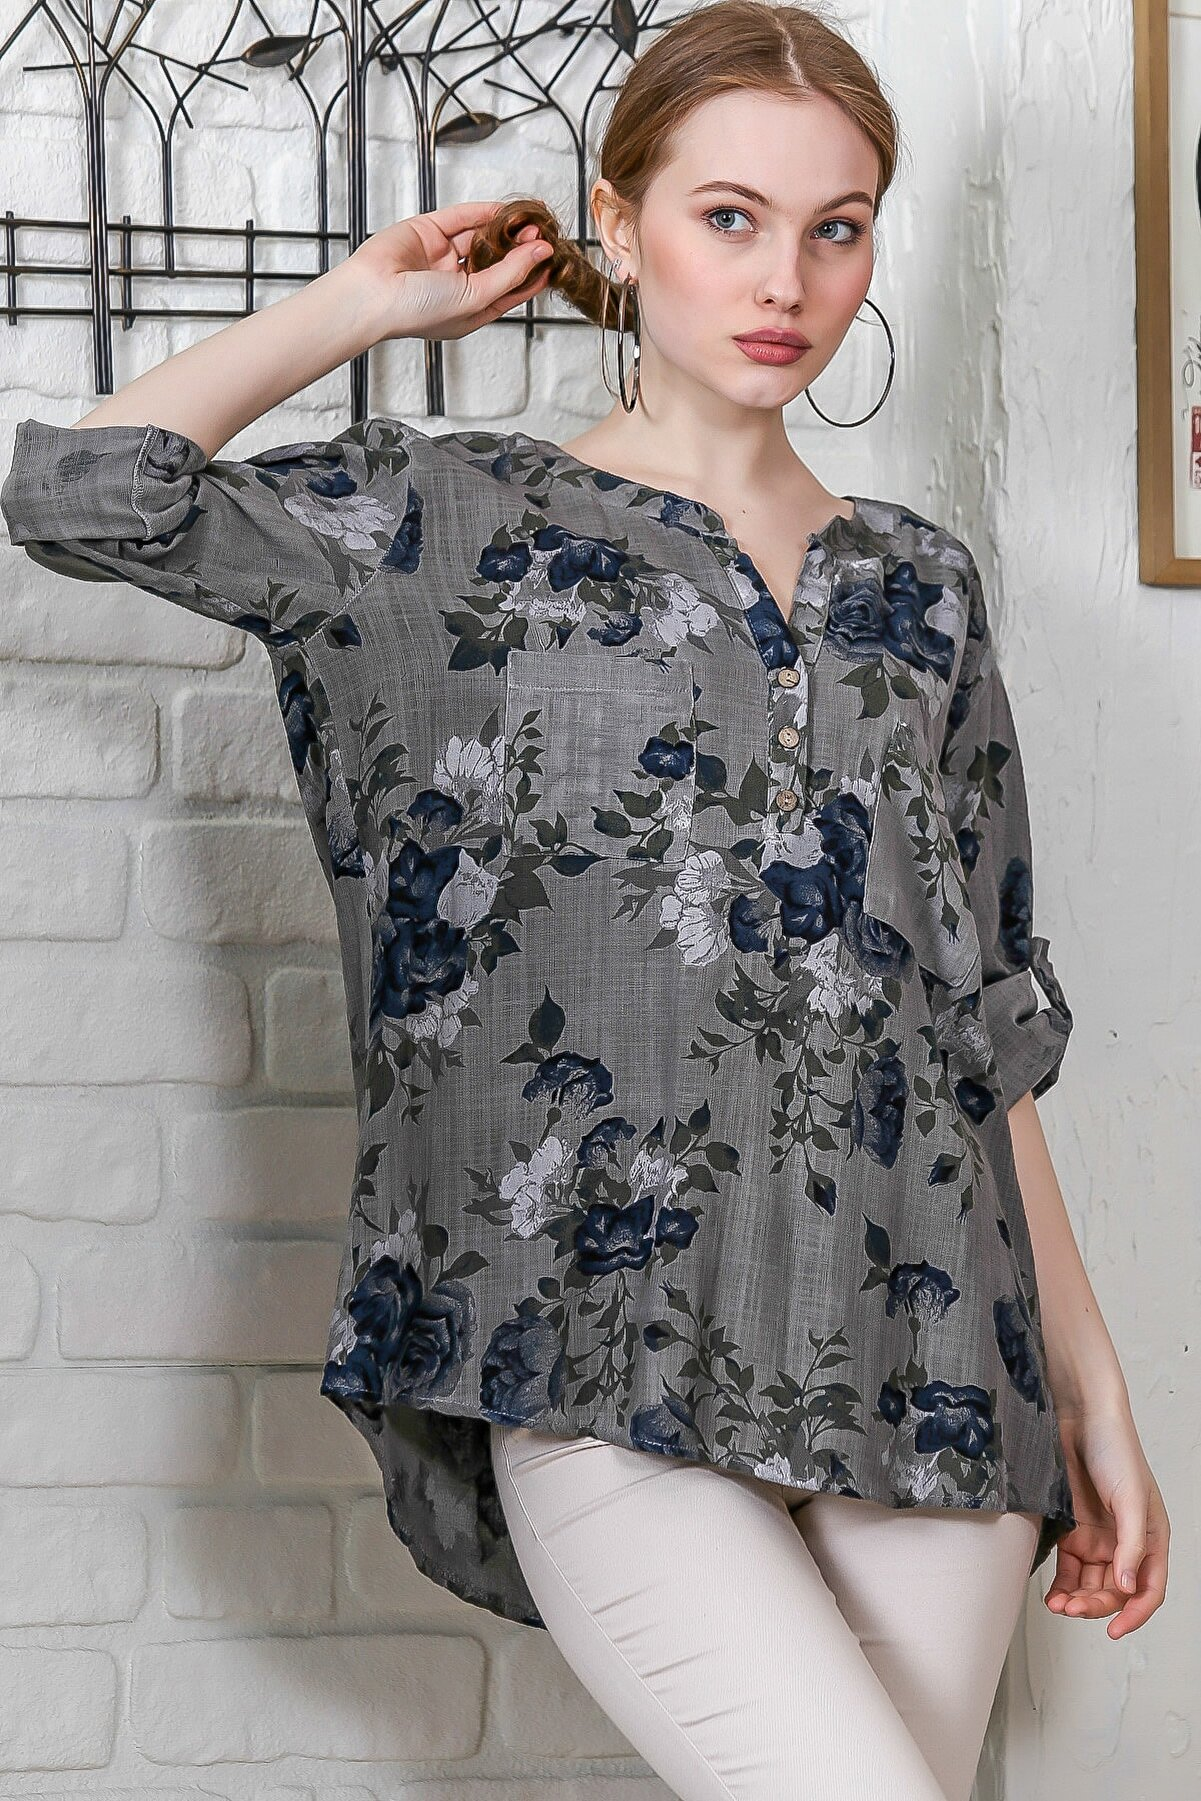 Chiccy Kadın Füme Sıfır Yaka Patı Düğme Detaylı Çiçek Desenli Salaş Gömlek M10010200BL95486